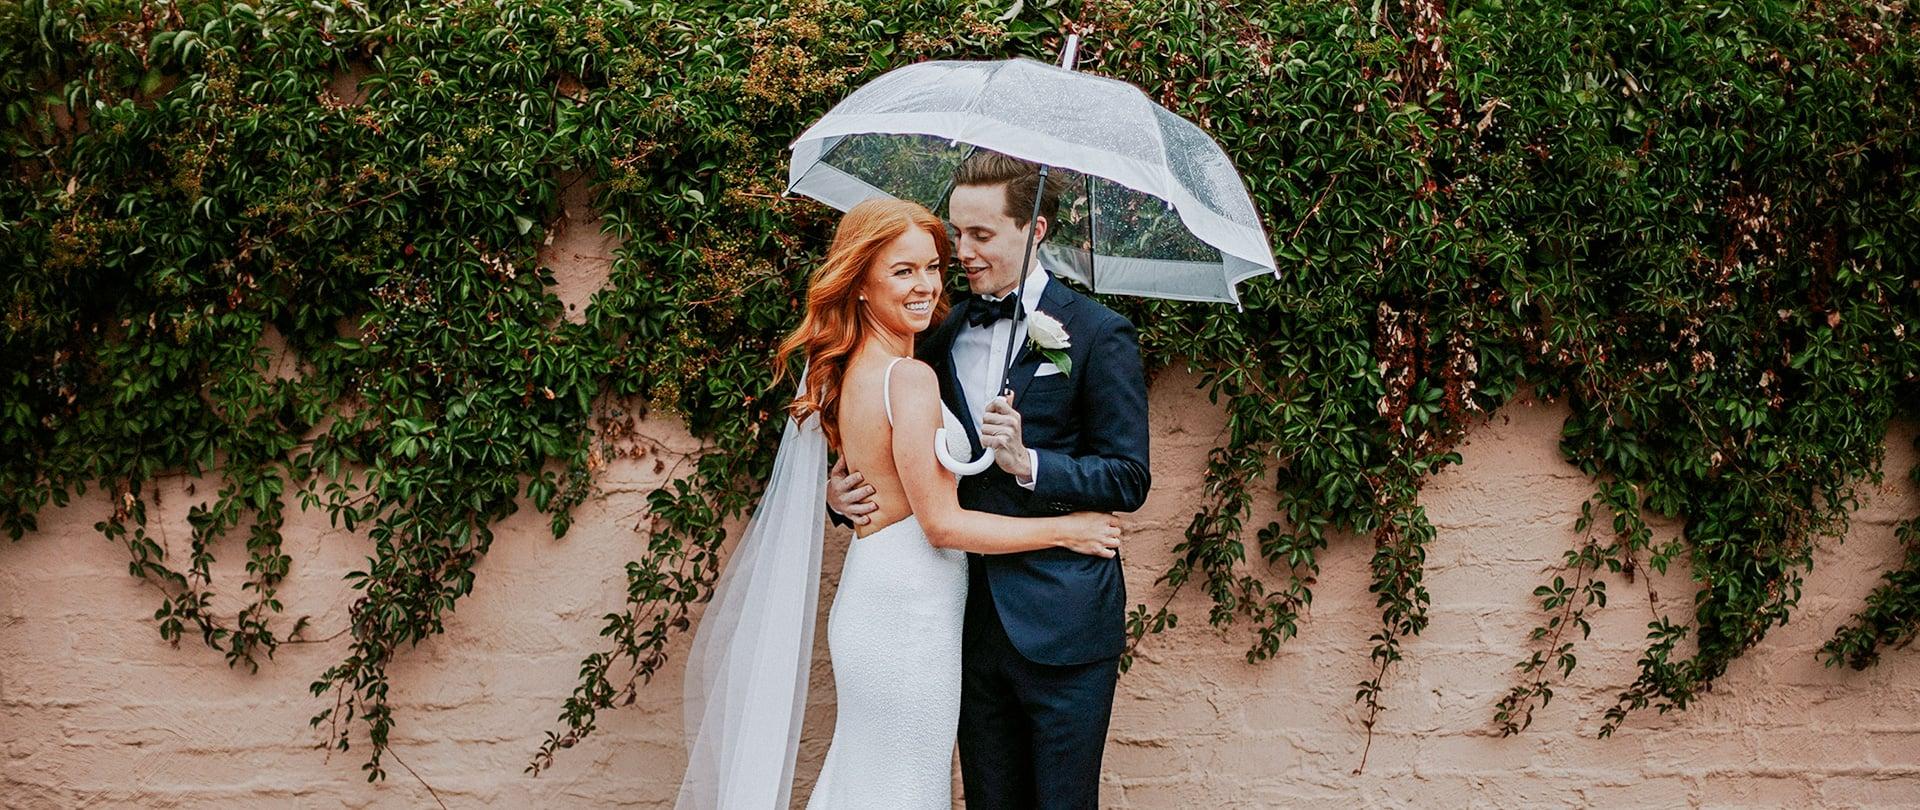 Ally & Tom Wedding Video Filmed at Melbourne, Victoria